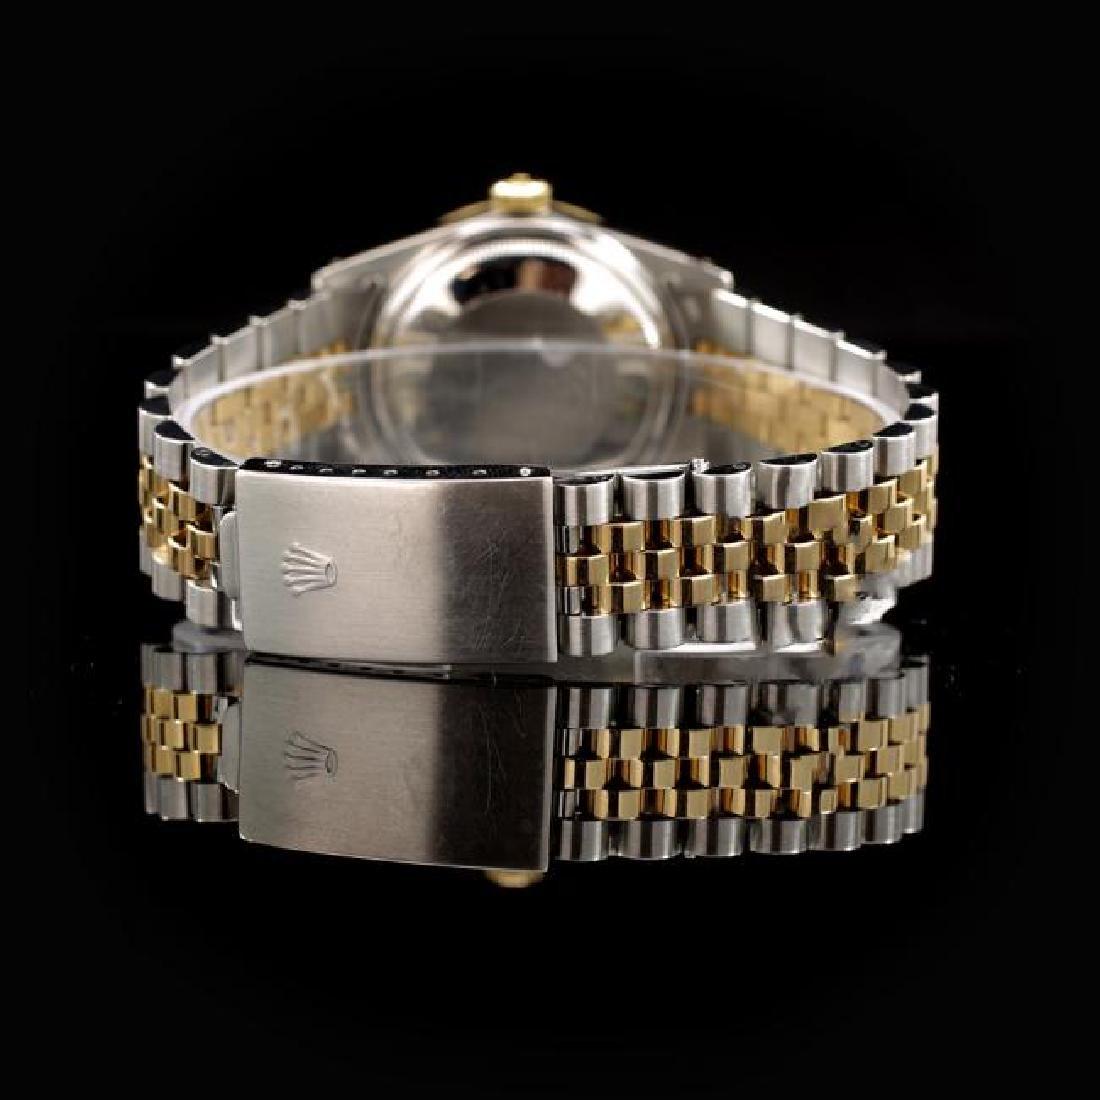 Rolex DateJust Two-Tone 31mm Custom Diamond Bezel - 3